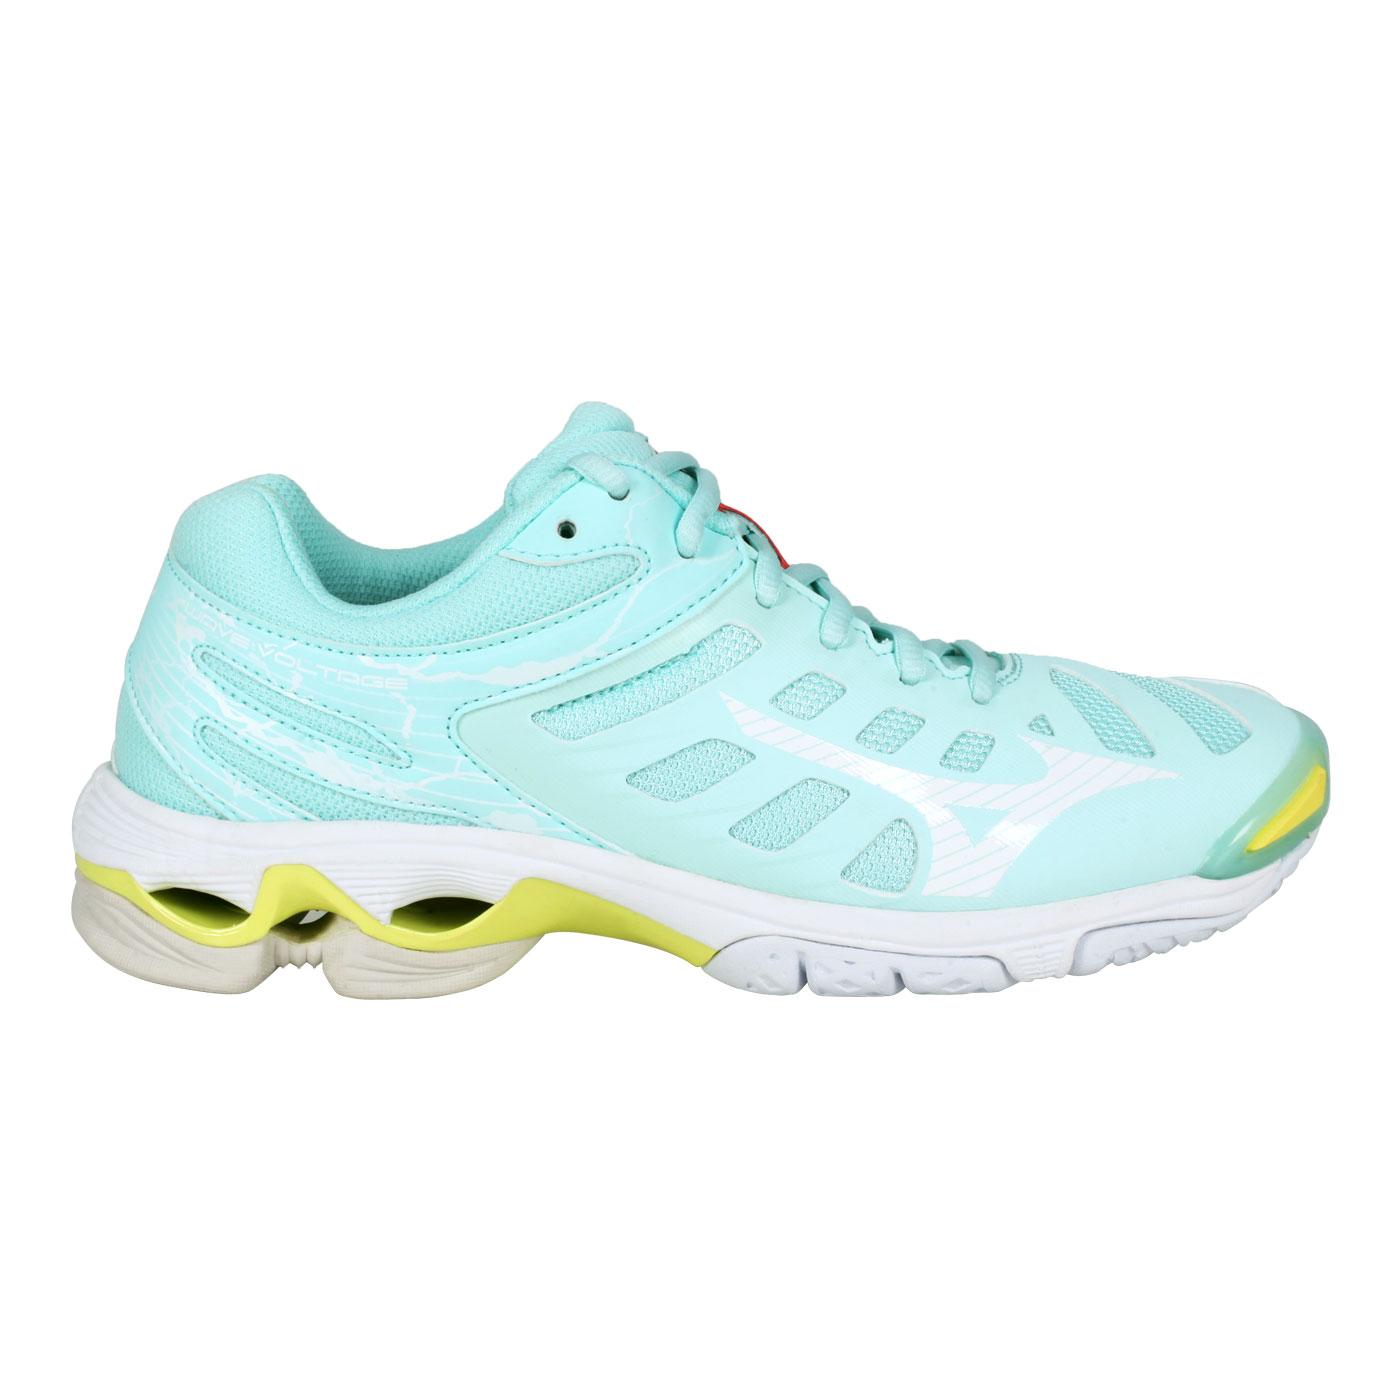 MIZUNO 女款排球鞋  @WAVE VOLTAGE@V1GC216026